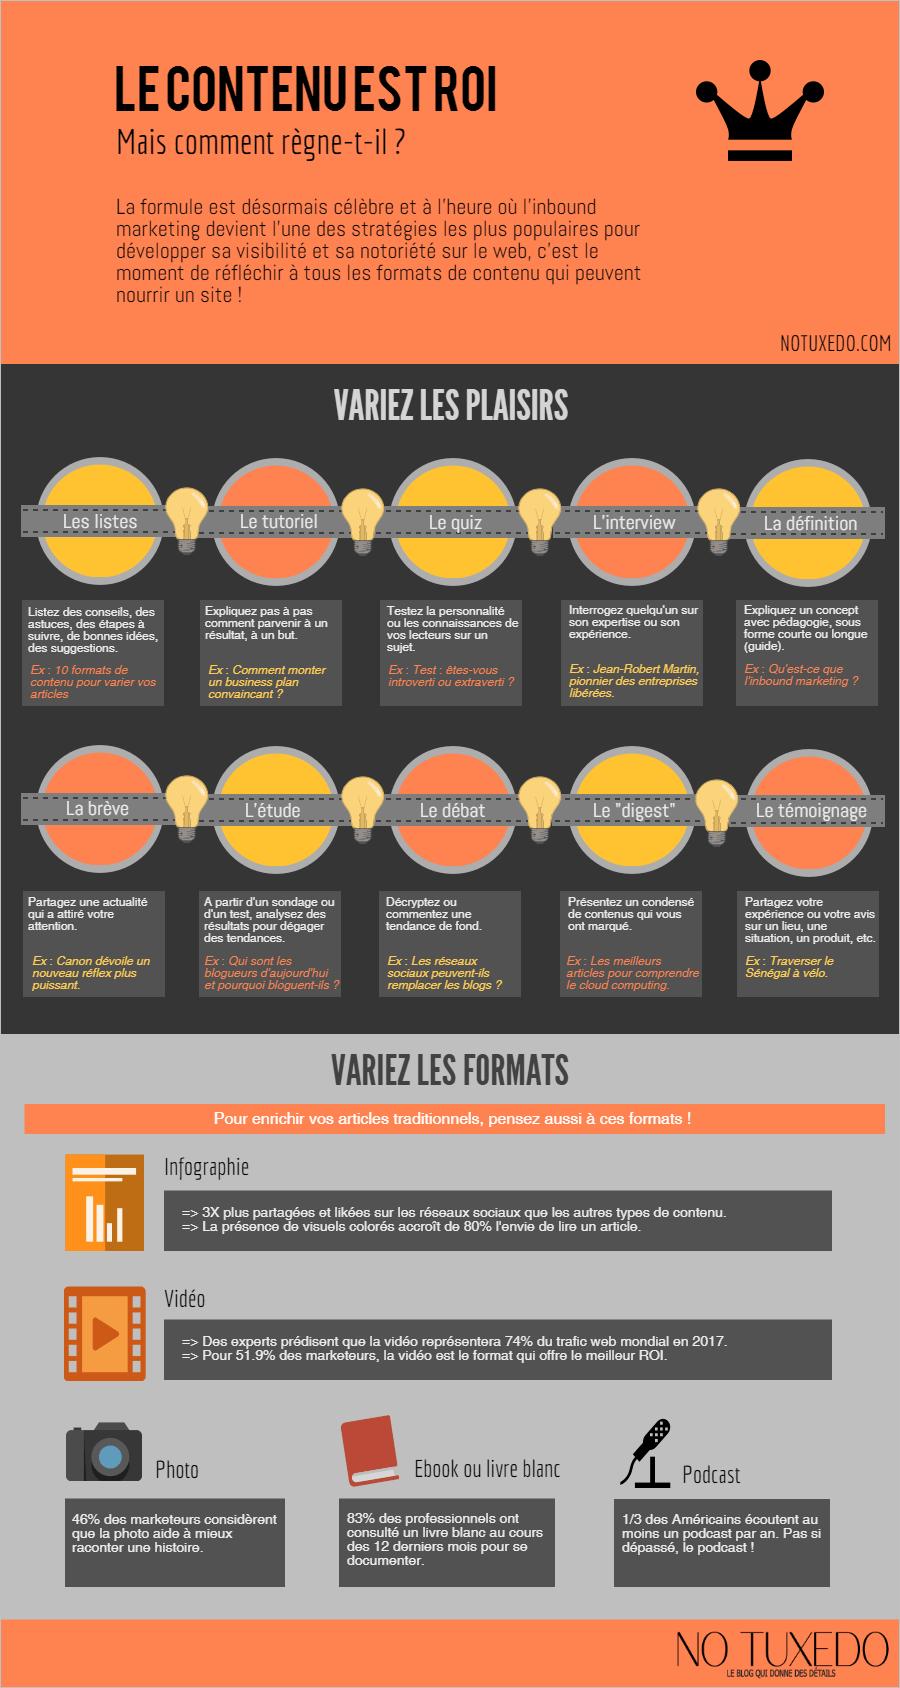 les différents formats de contenus pour réussir une stratégie de content marketing diversifiée